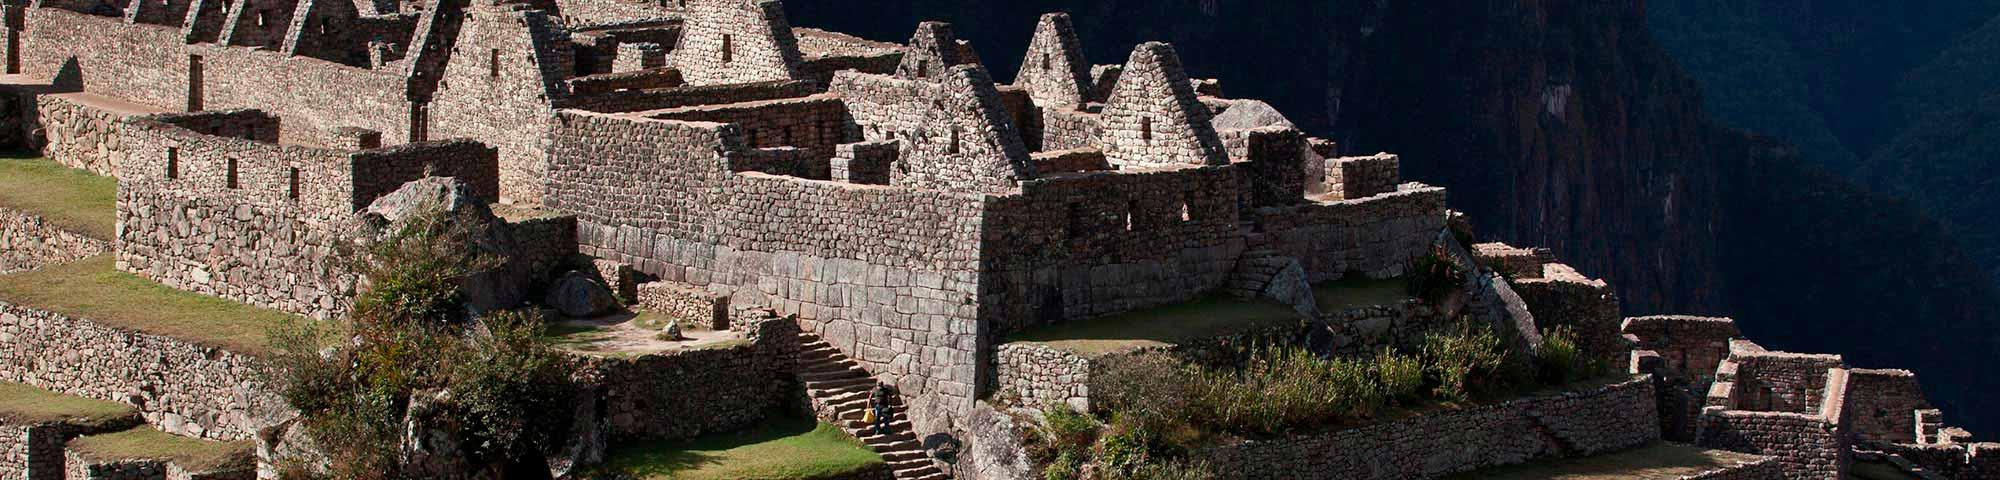 CNN destaca a Machu Picchu como el destino más interesante del mundo